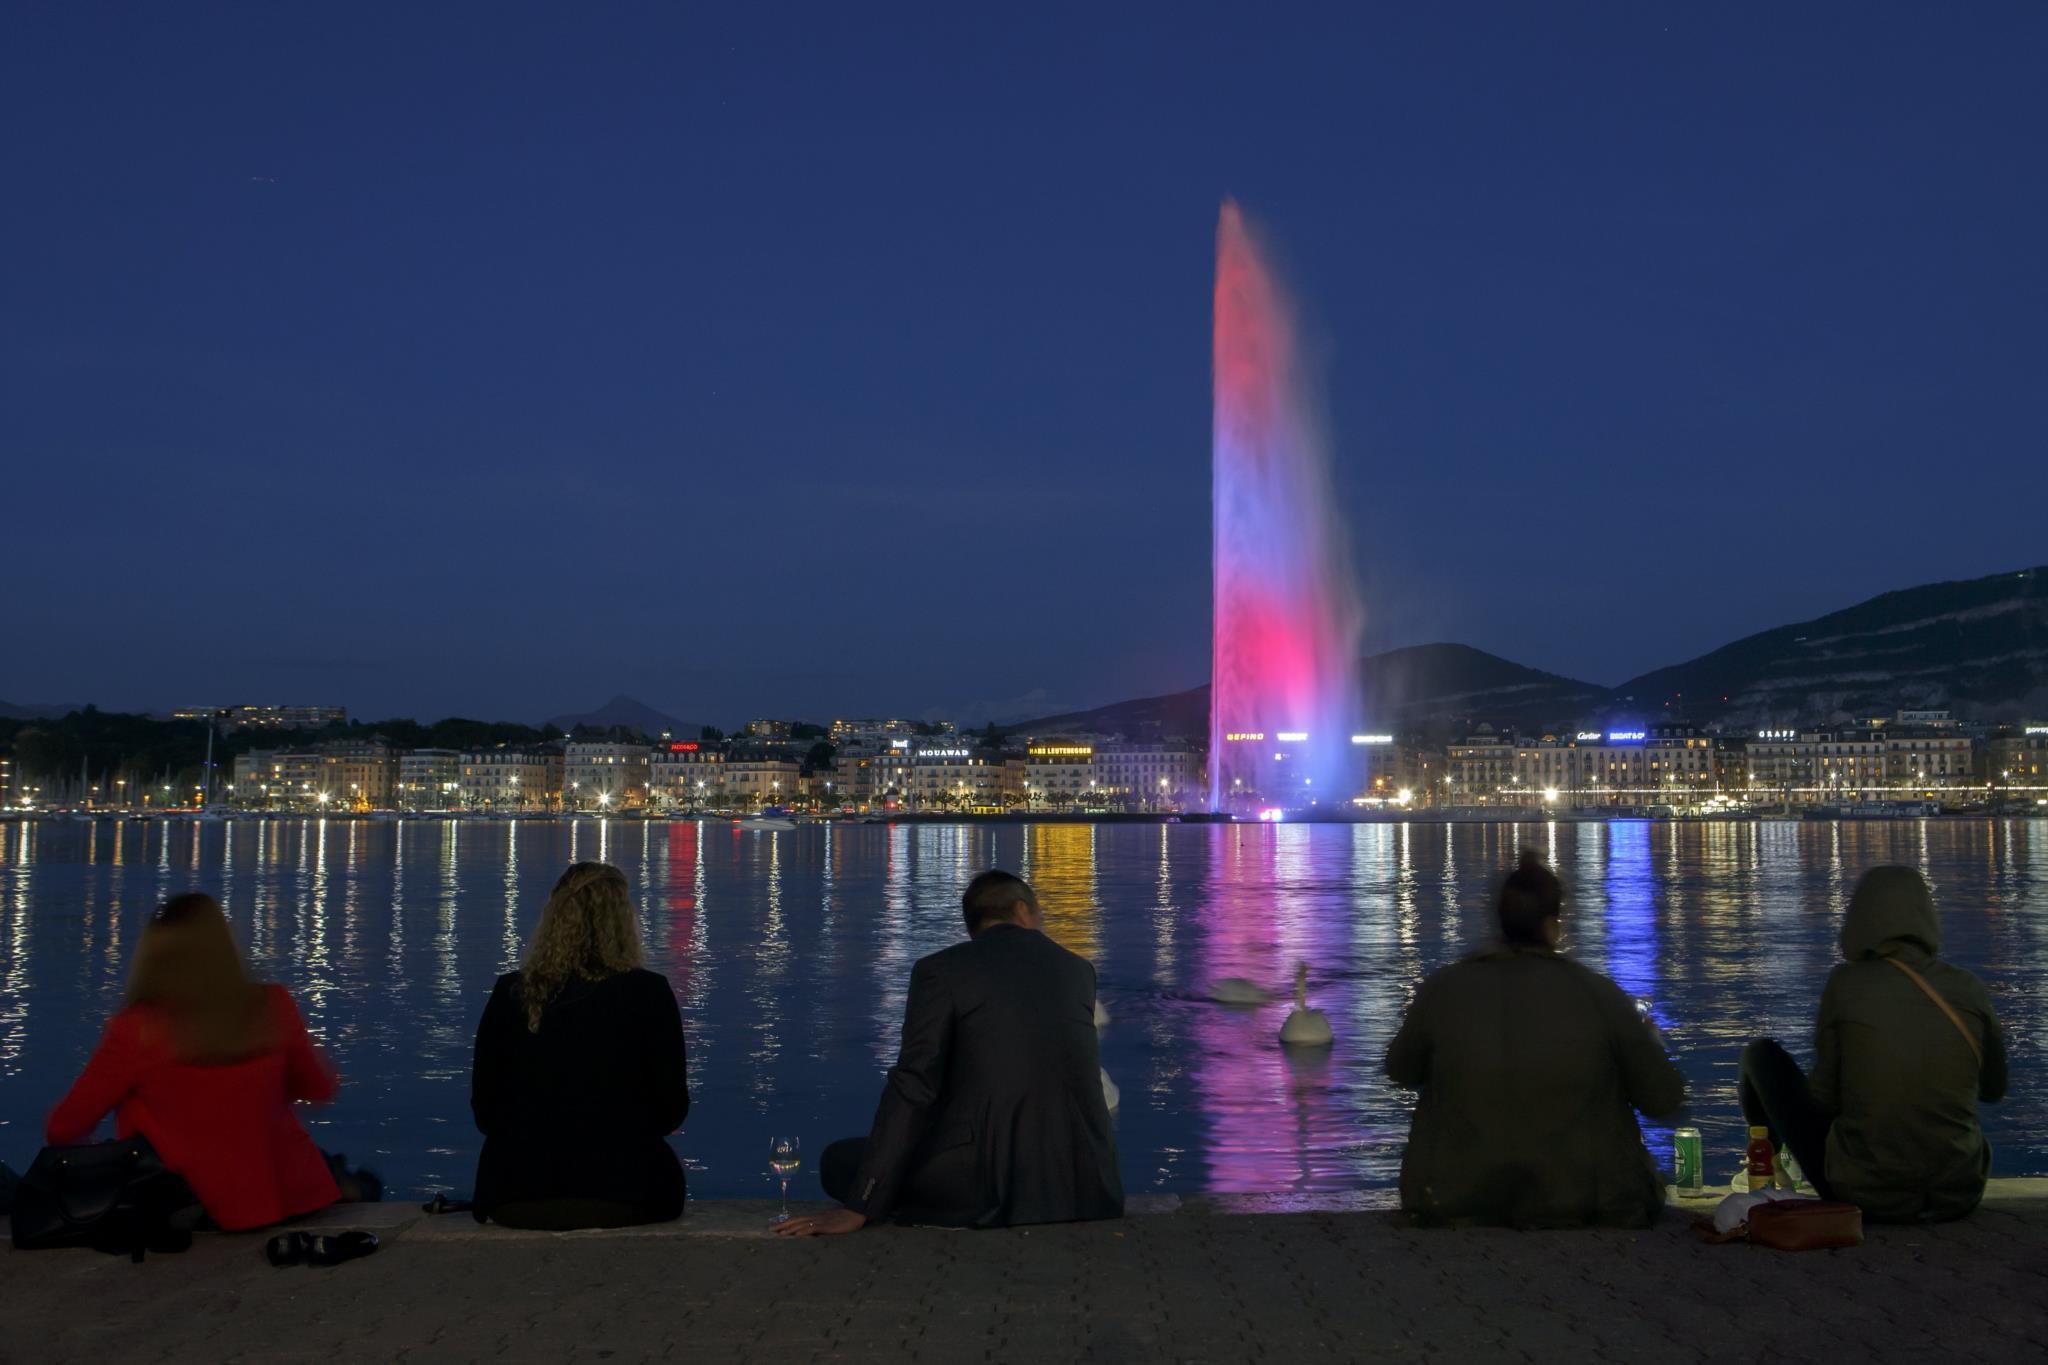 Em Géneva, na Suiça, uma fonte foi iluminada com as cores da bandeira do Reino Unido